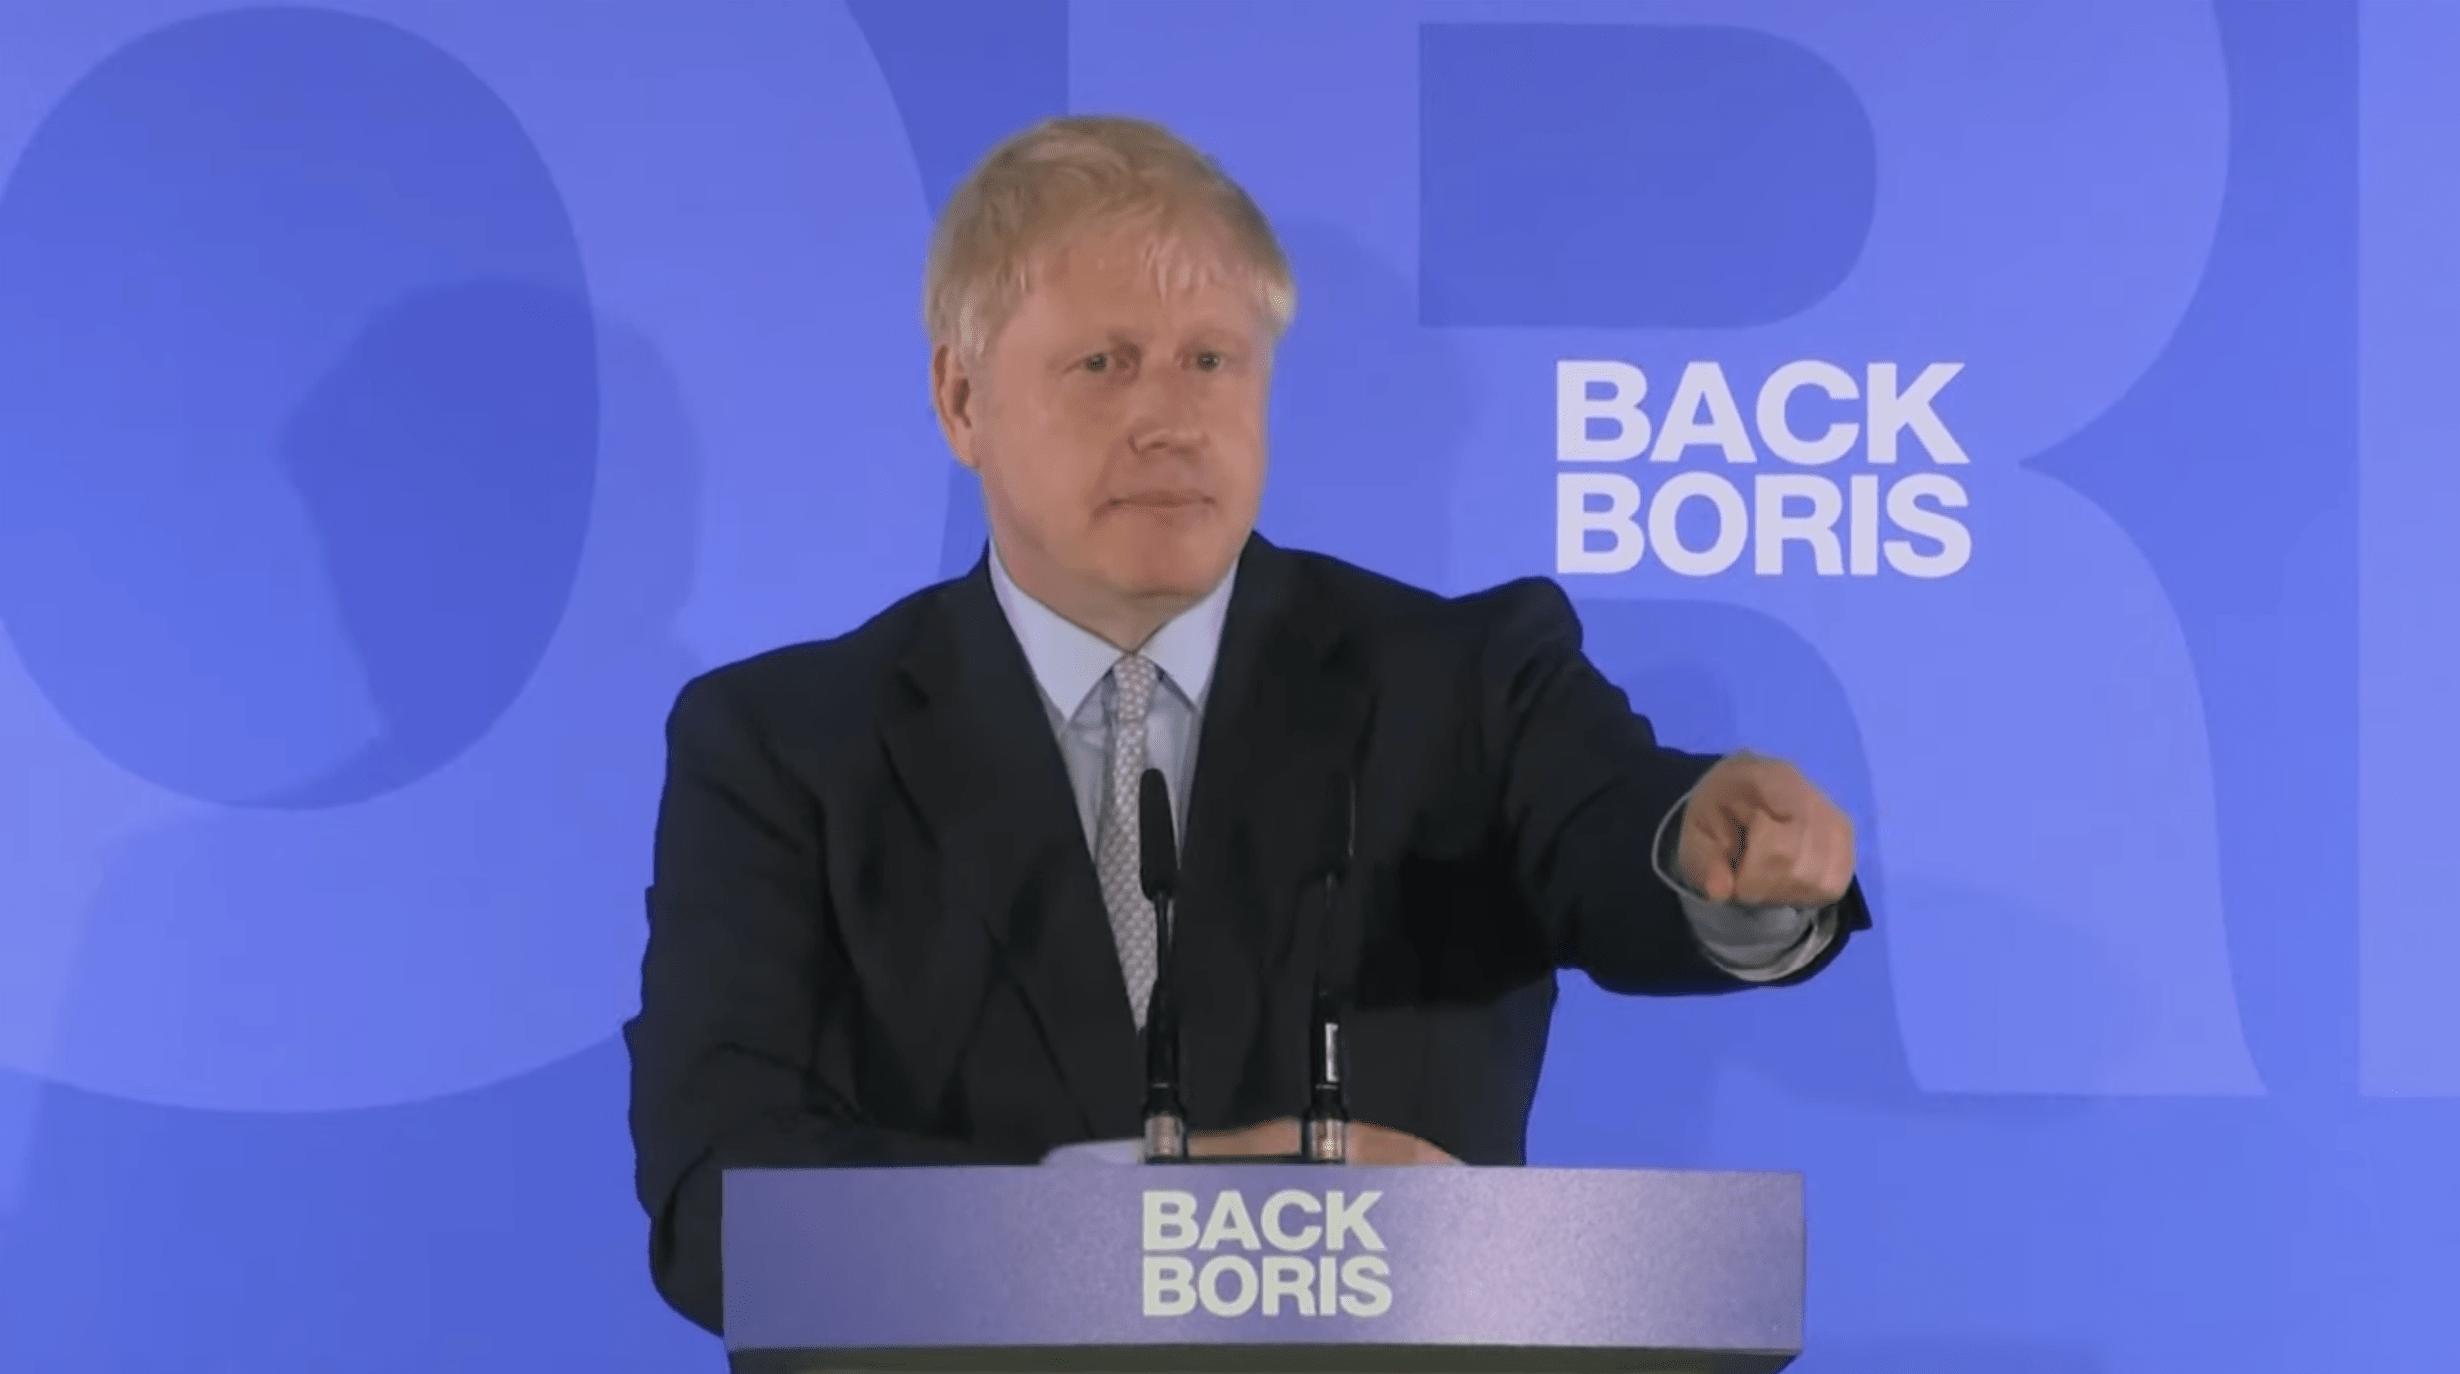 Boris Johnson à la conférence de presse de lancement de sa campagne pour le 10 Downing Street (élection à la tête des Tories)